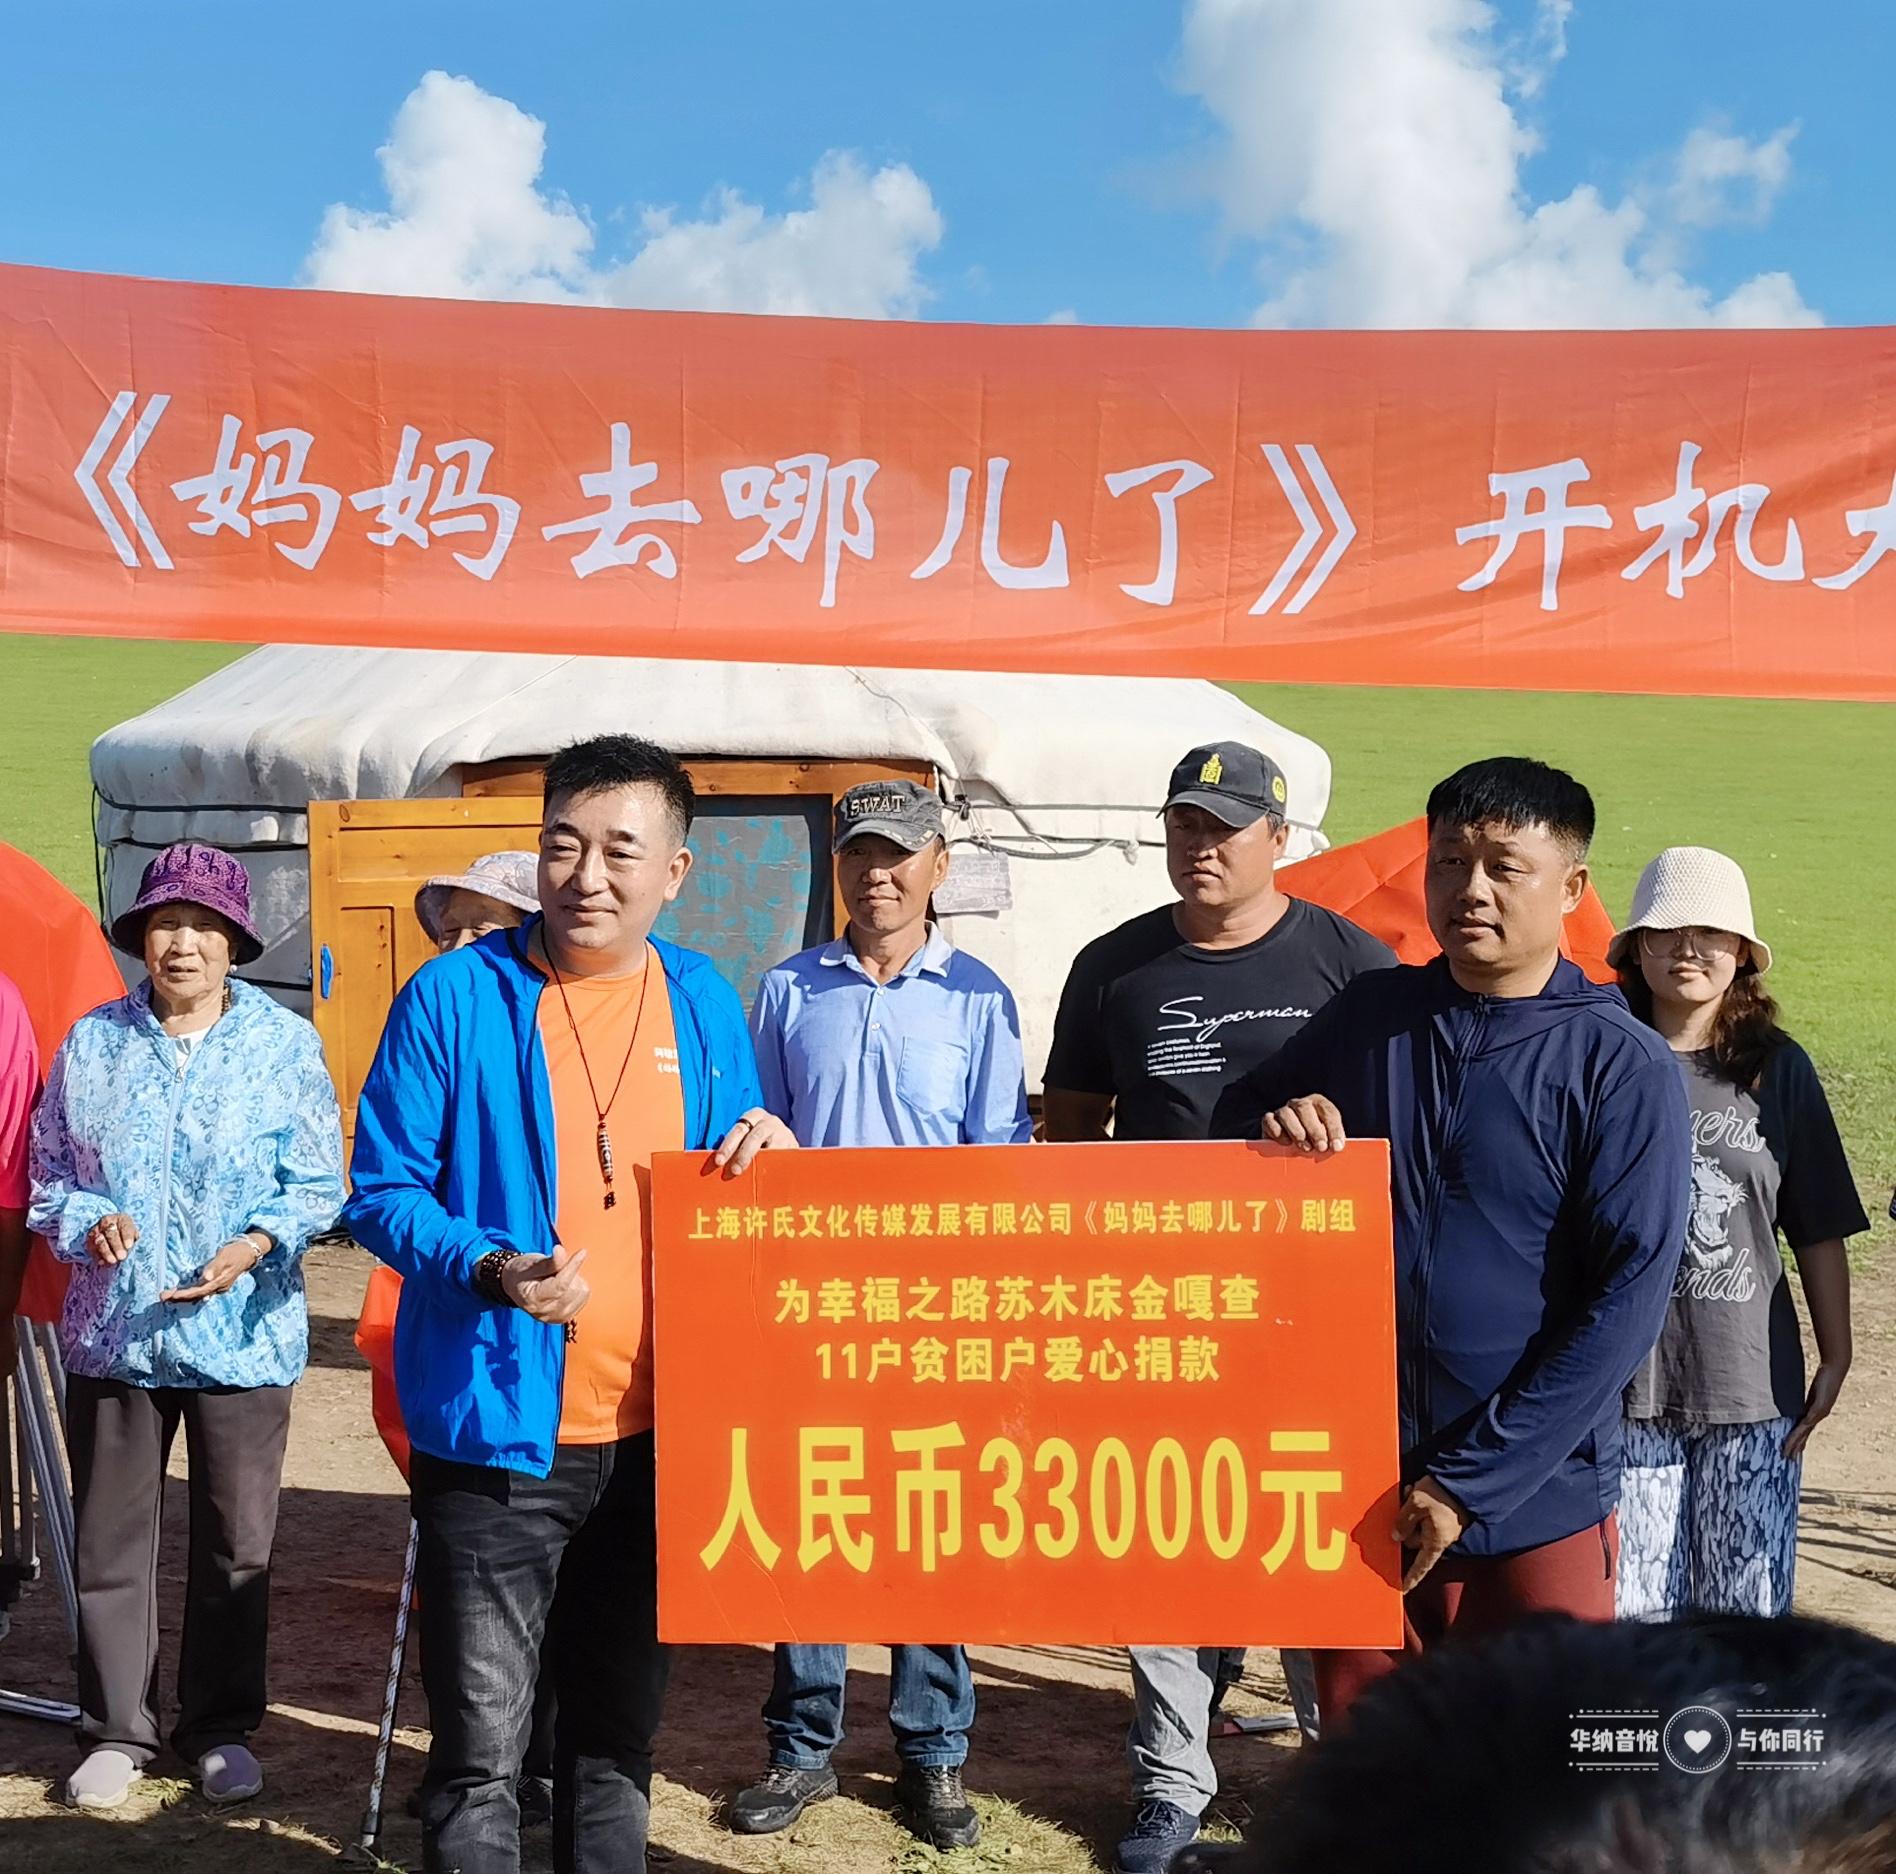 院线电影《妈妈去哪儿了》开机仪式在内蒙古巴林右旗大草原举办